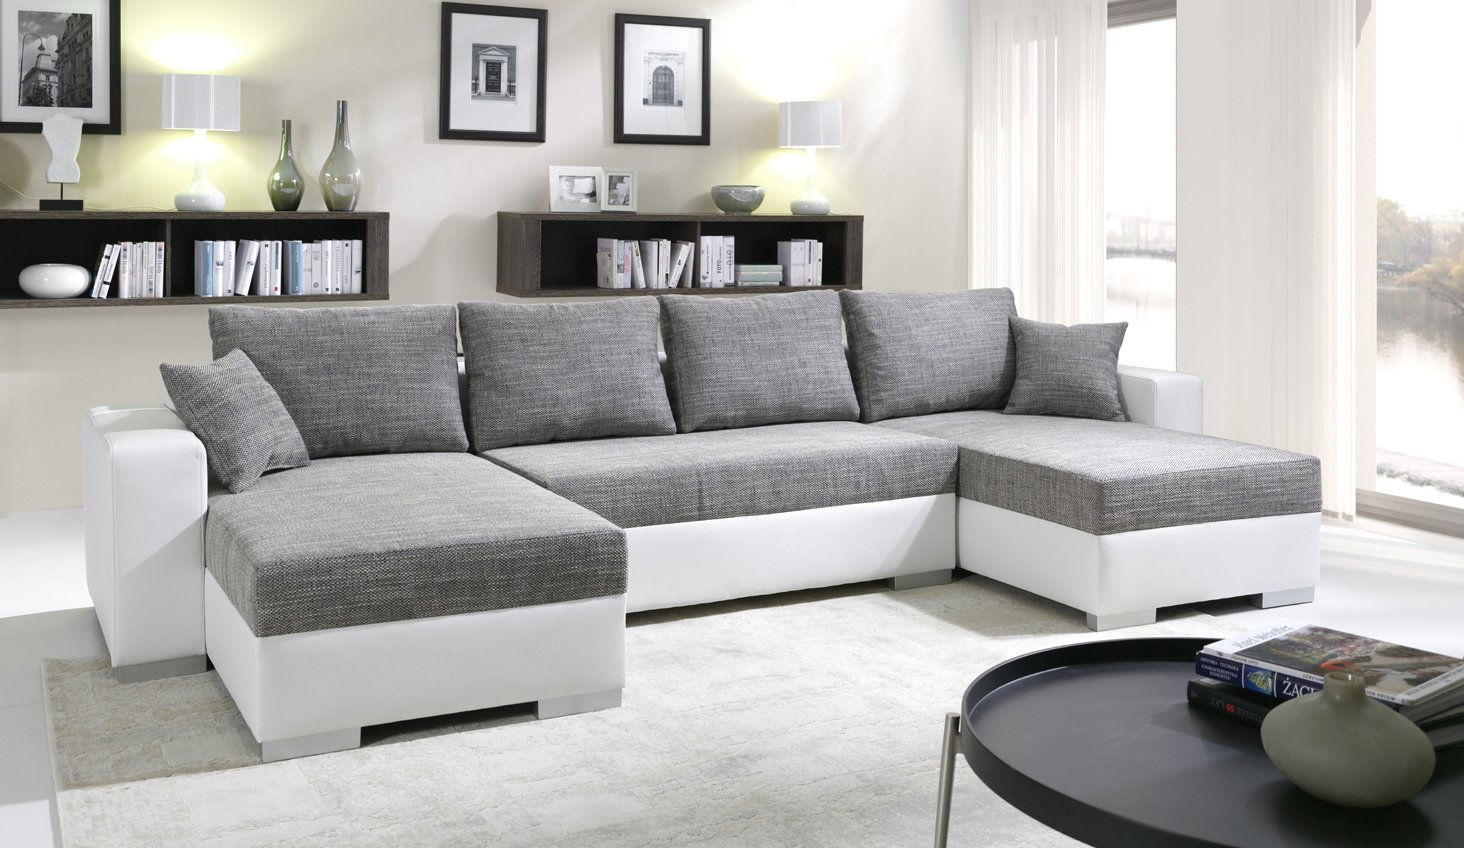 Sofa Couchgarnitur Couch Sofagarnitur Tiger 4 U Polstergarnitur